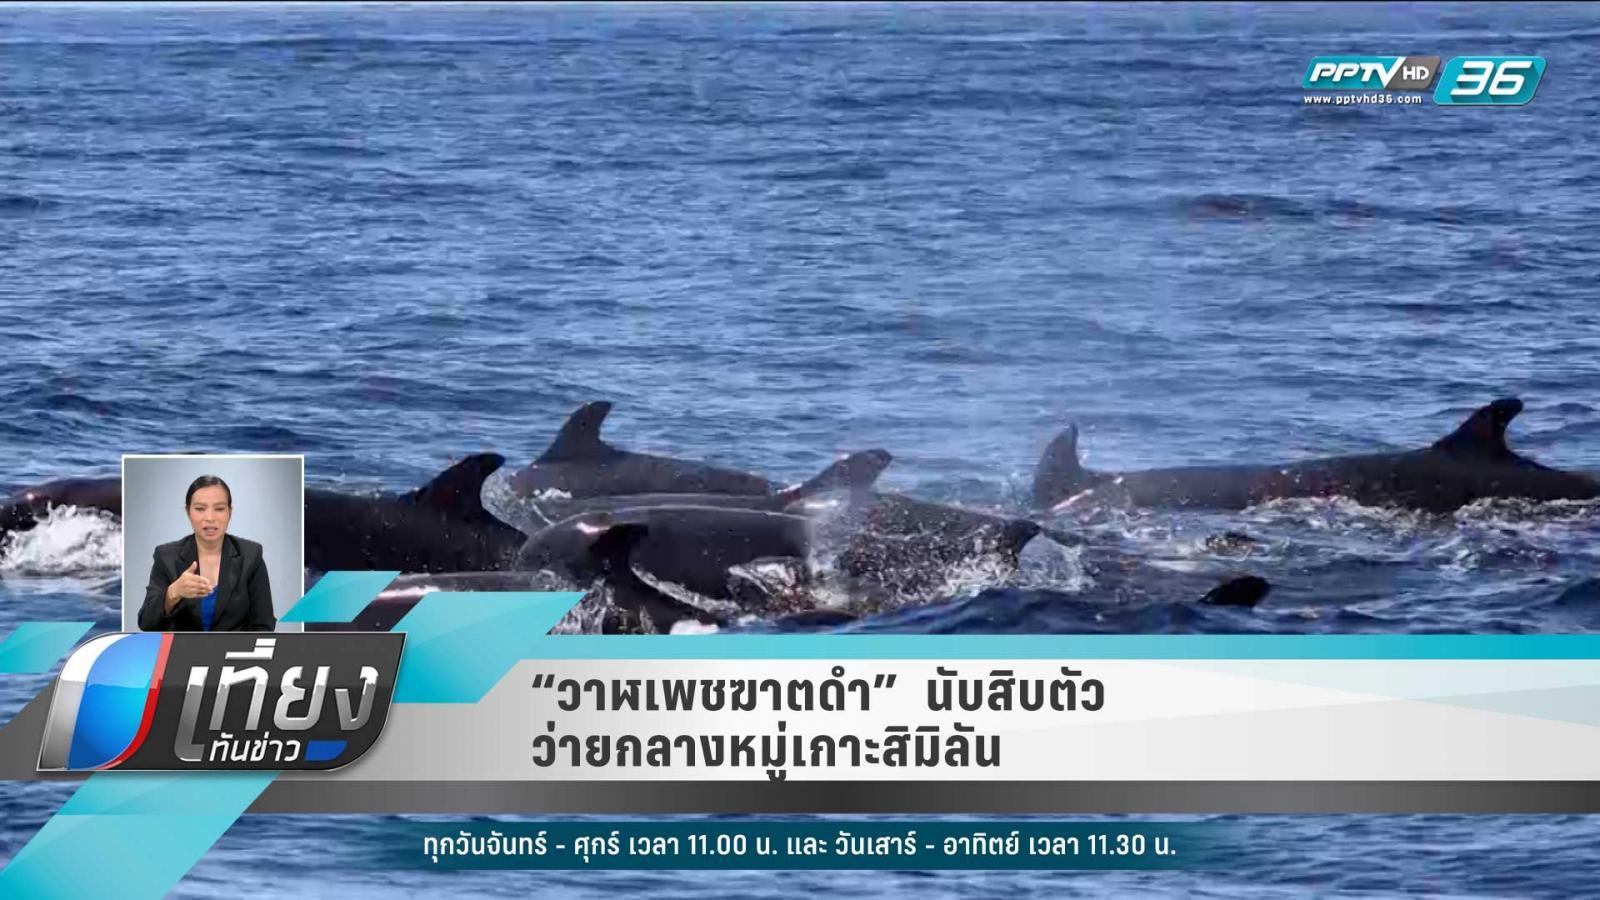 """""""วาฬเพชฌฆาตดำ""""  นับสิบตัว ว่ายกลางหมู่เกาะสิมิลัน"""